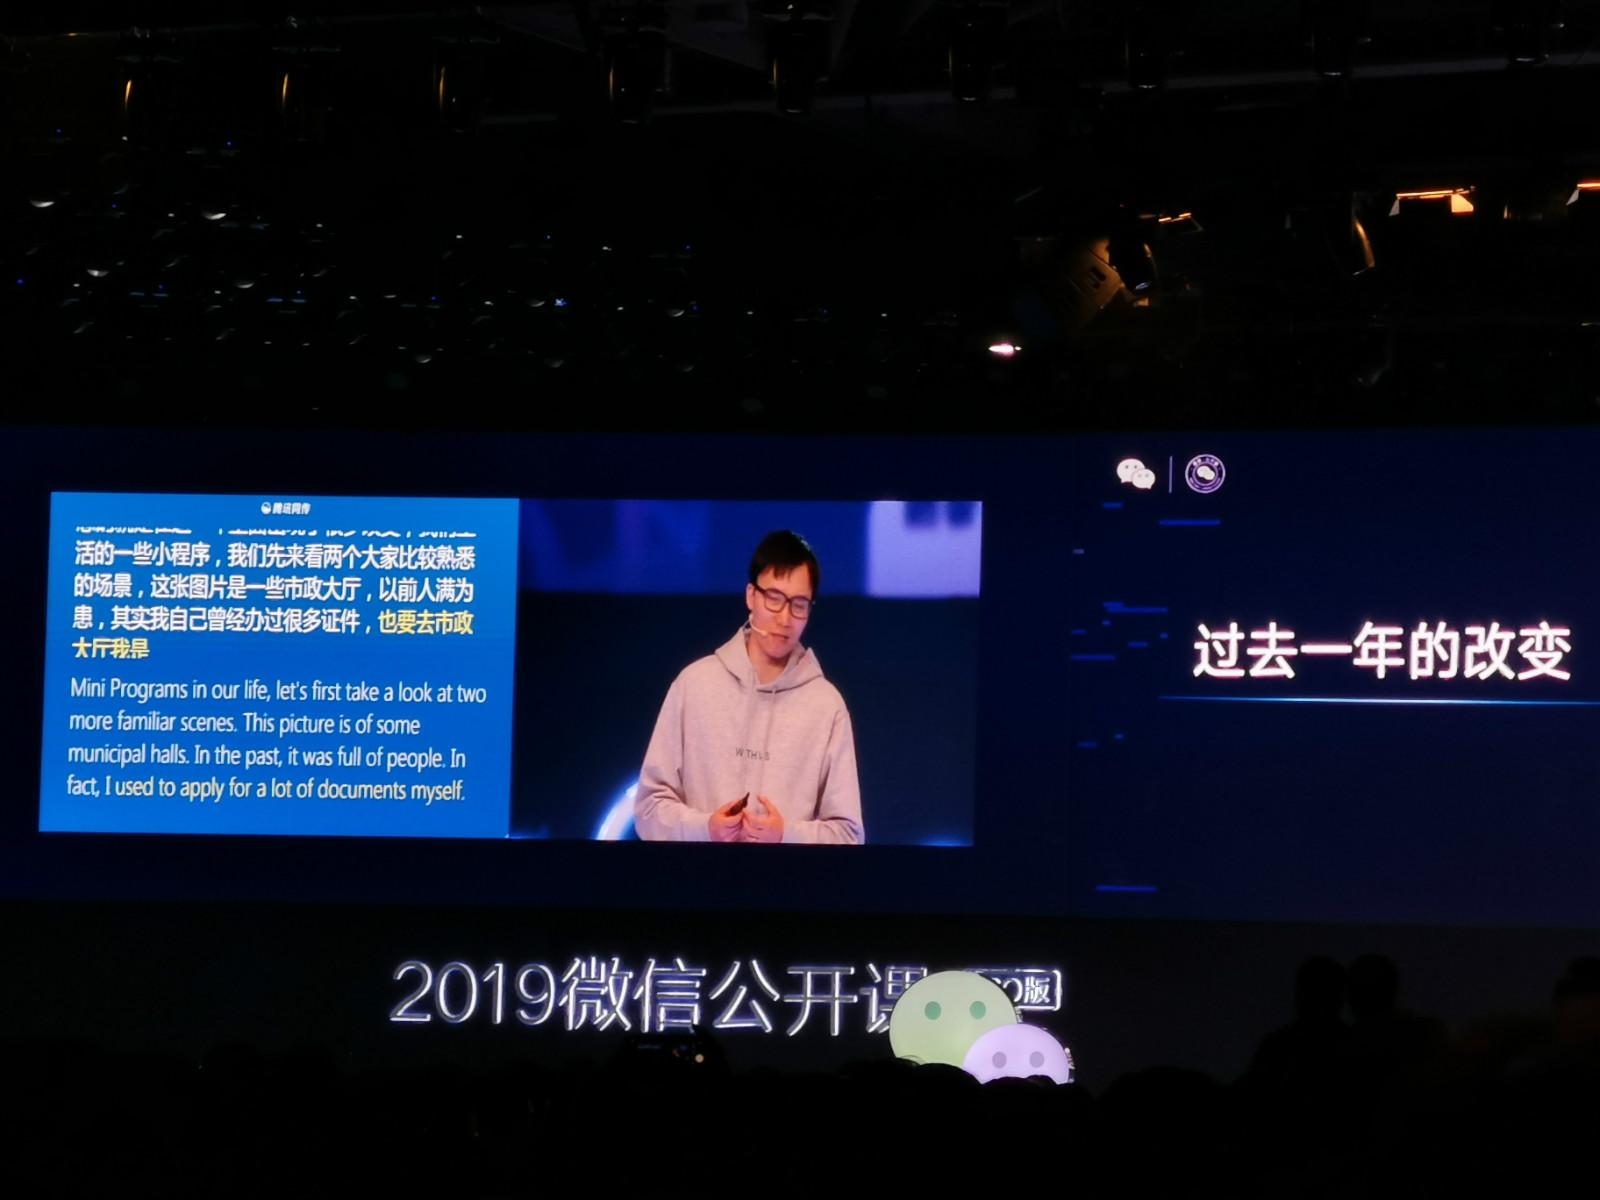 【企服快讯】缺席张小龙的微信公开课,杜嘉辉讲了讲小程序